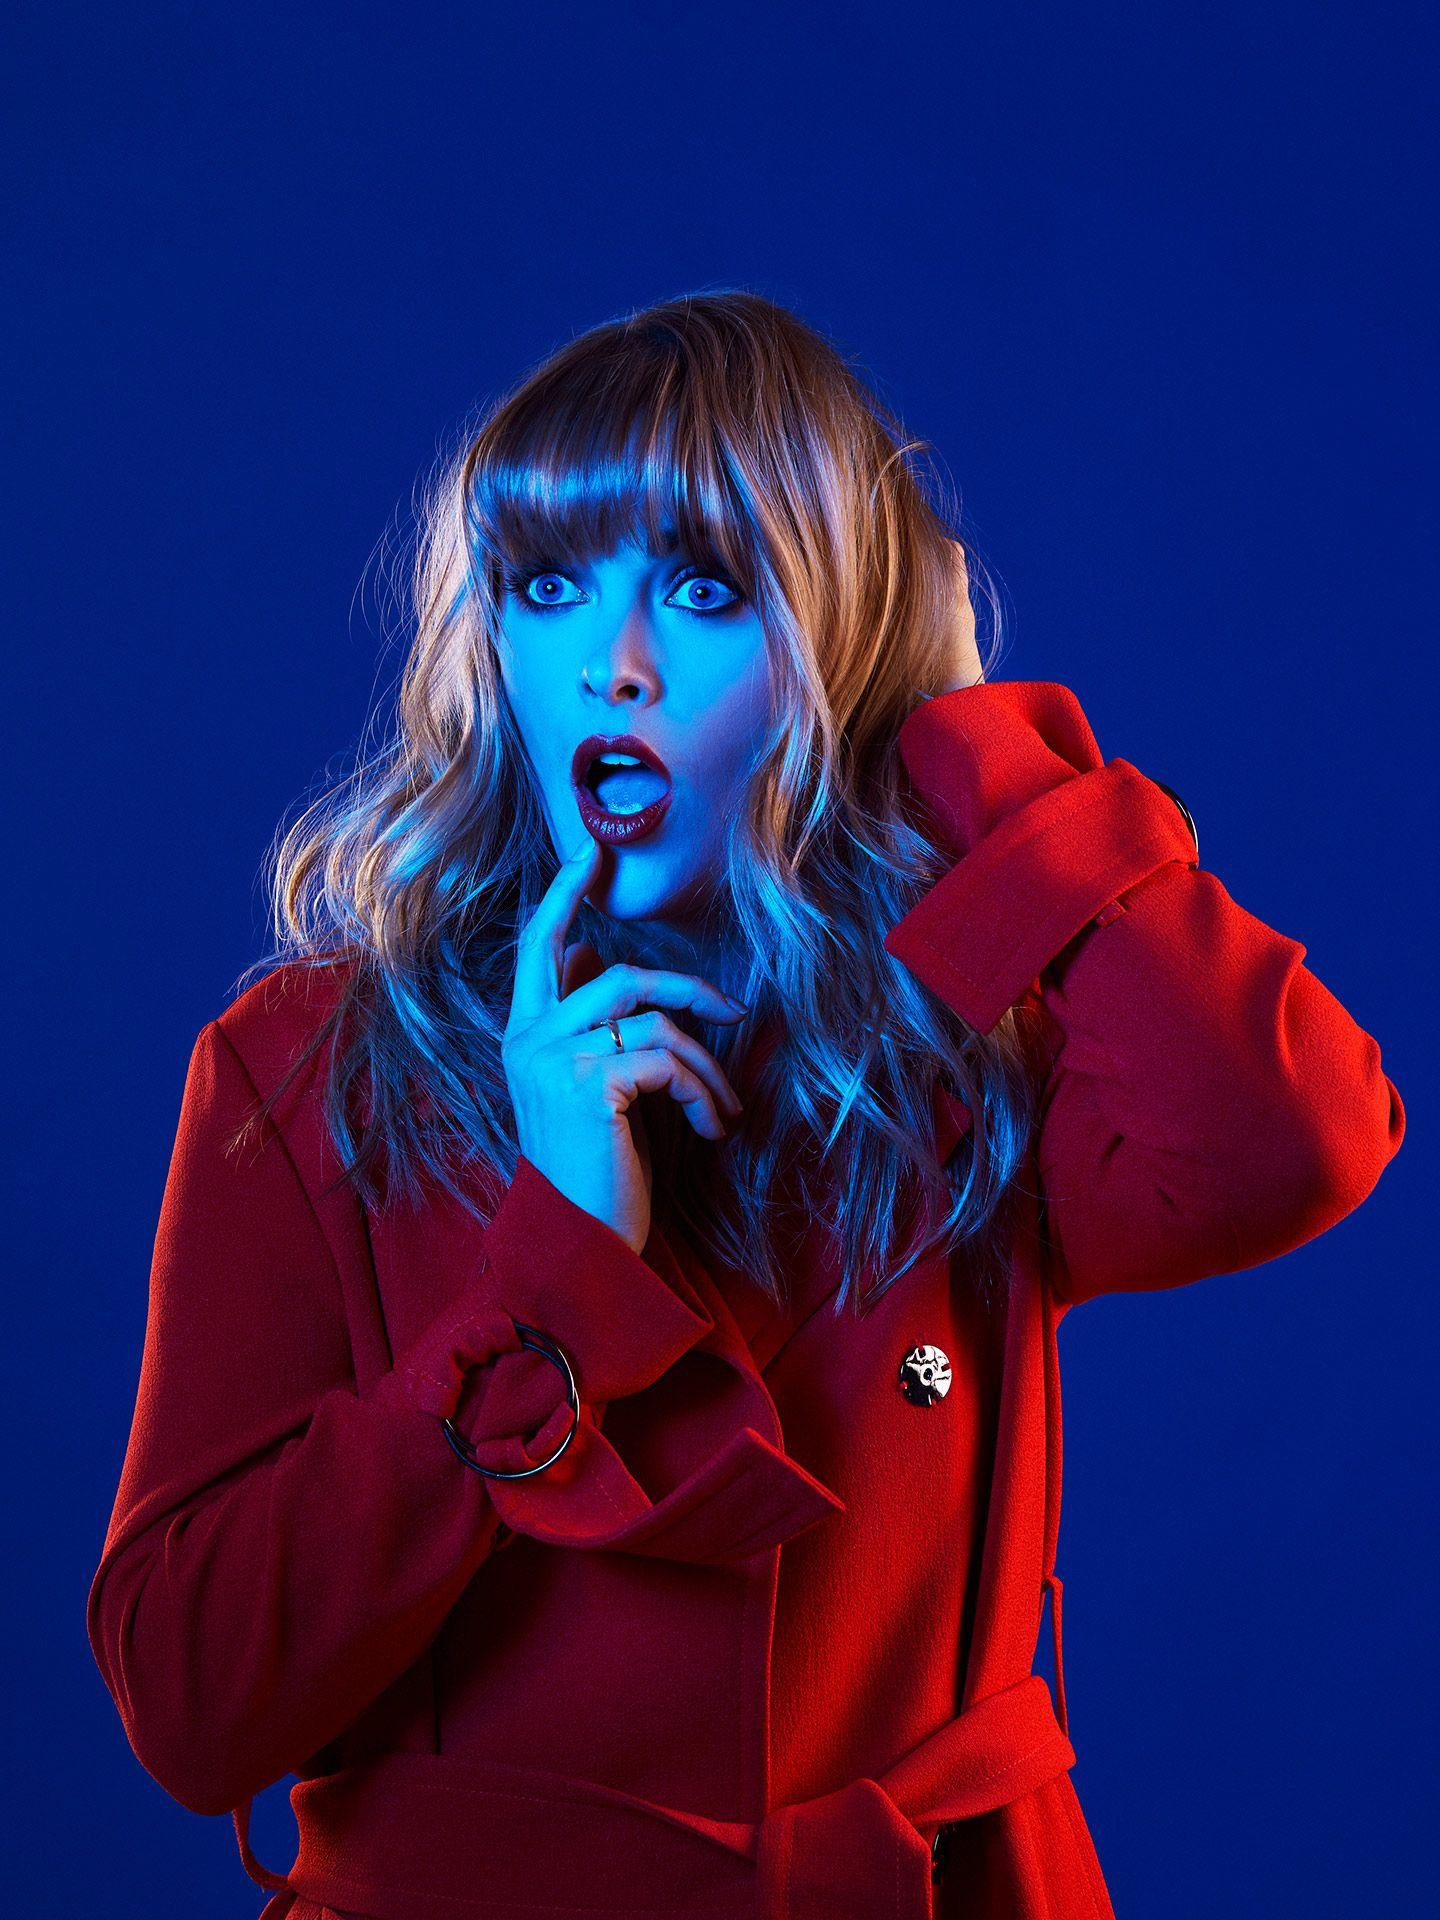 Portrait scénique d'Andréanne A Malette à l'air surpris en trench-coat dans une lumière bleue et un fond bleu par Jocelyn pour le Journal de Montréal